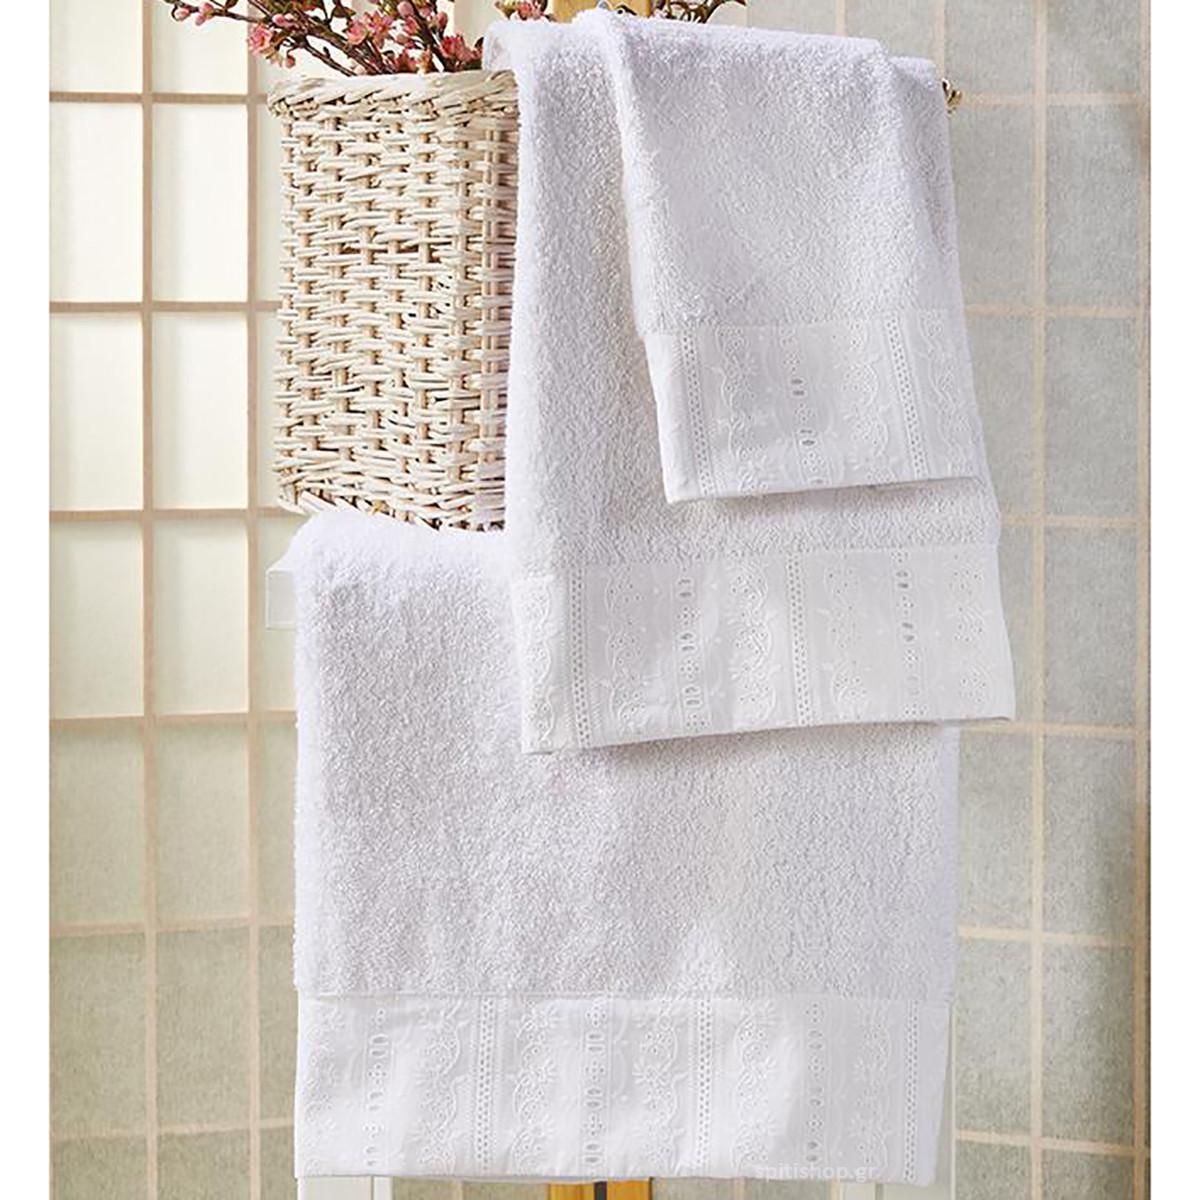 Πετσέτες Μπάνιου (Σετ 3τμχ) White Egg SP1